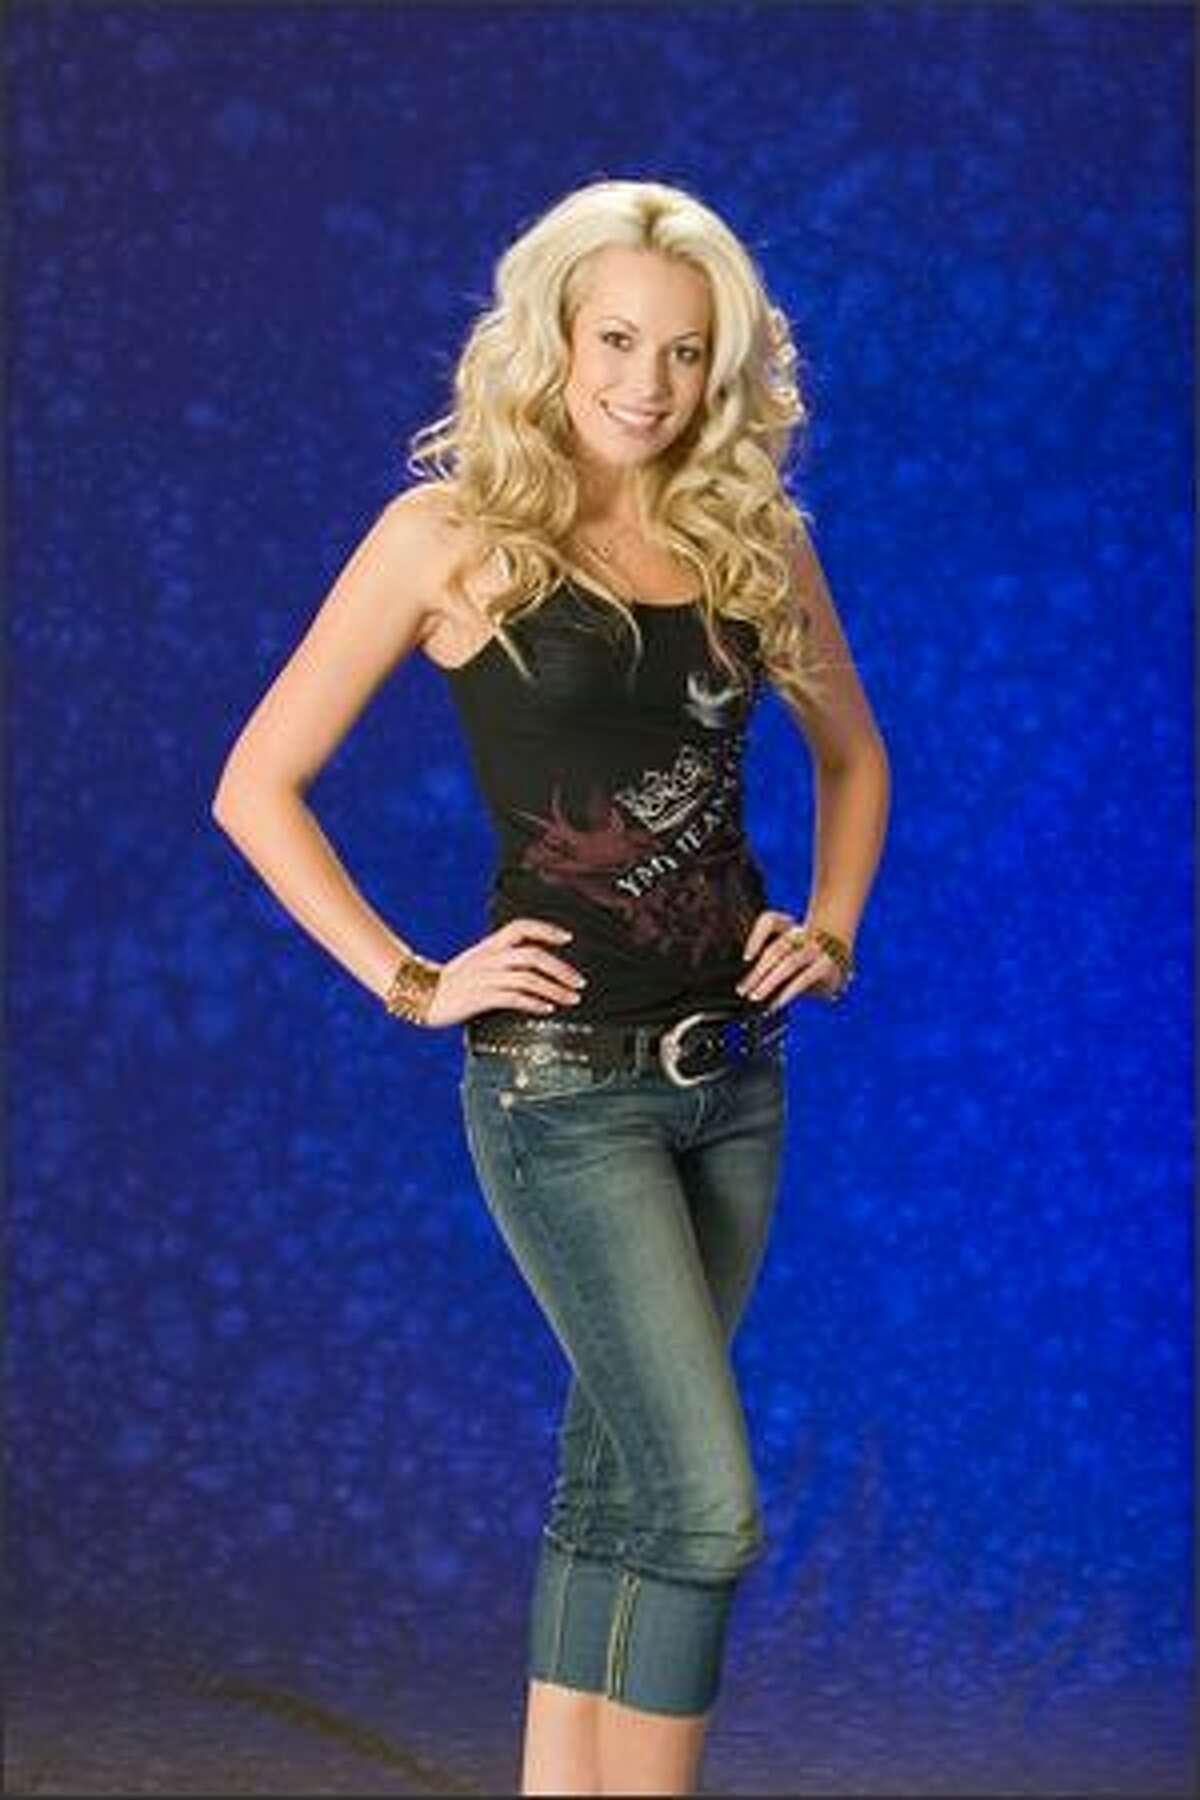 Laural Barrett, Miss New Zealand 2007.